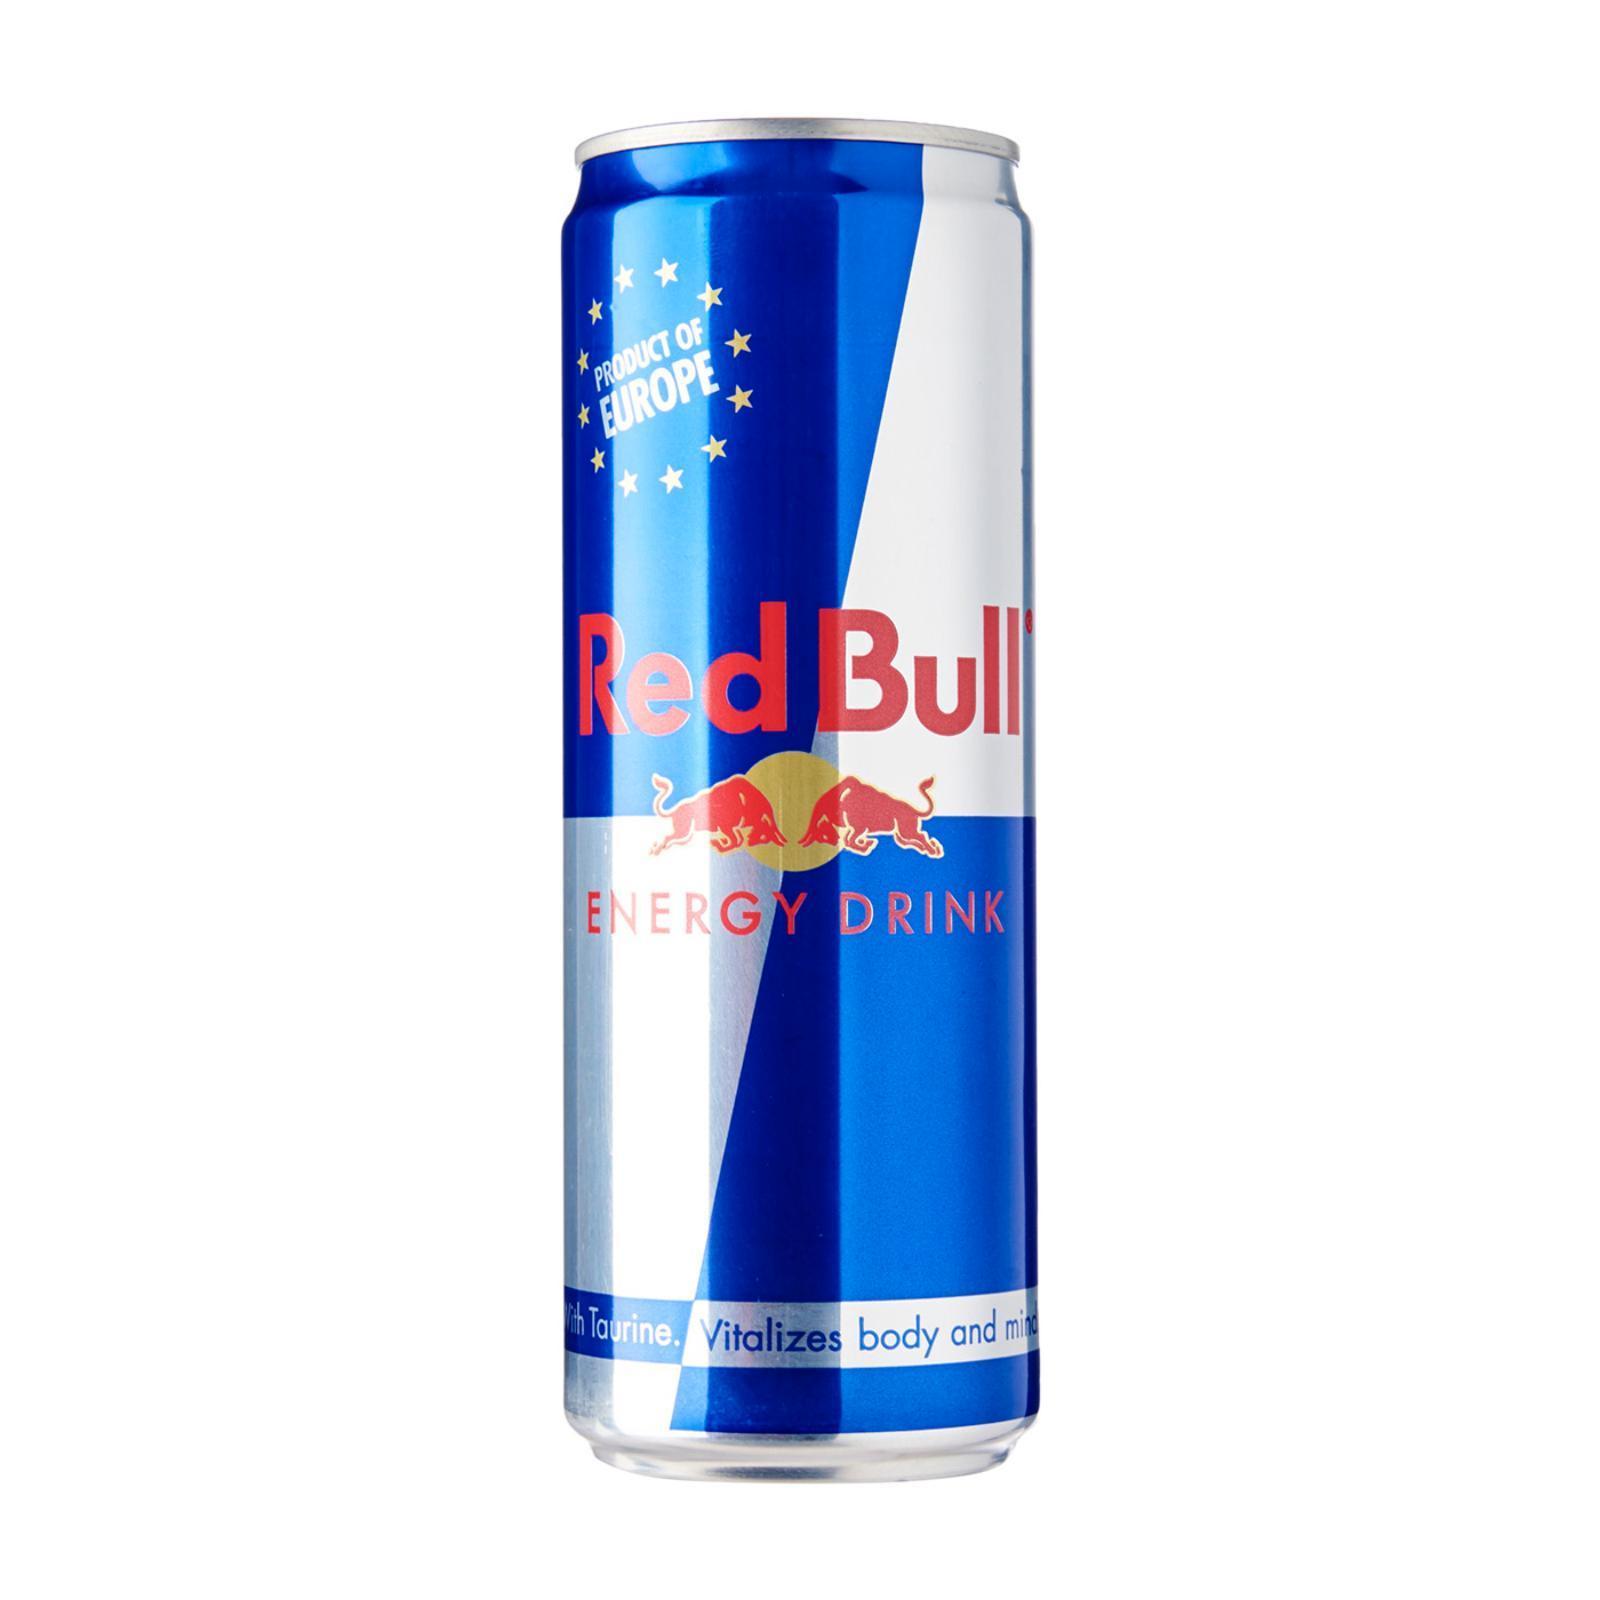 RED BULL Energy Drink Regular 355ml